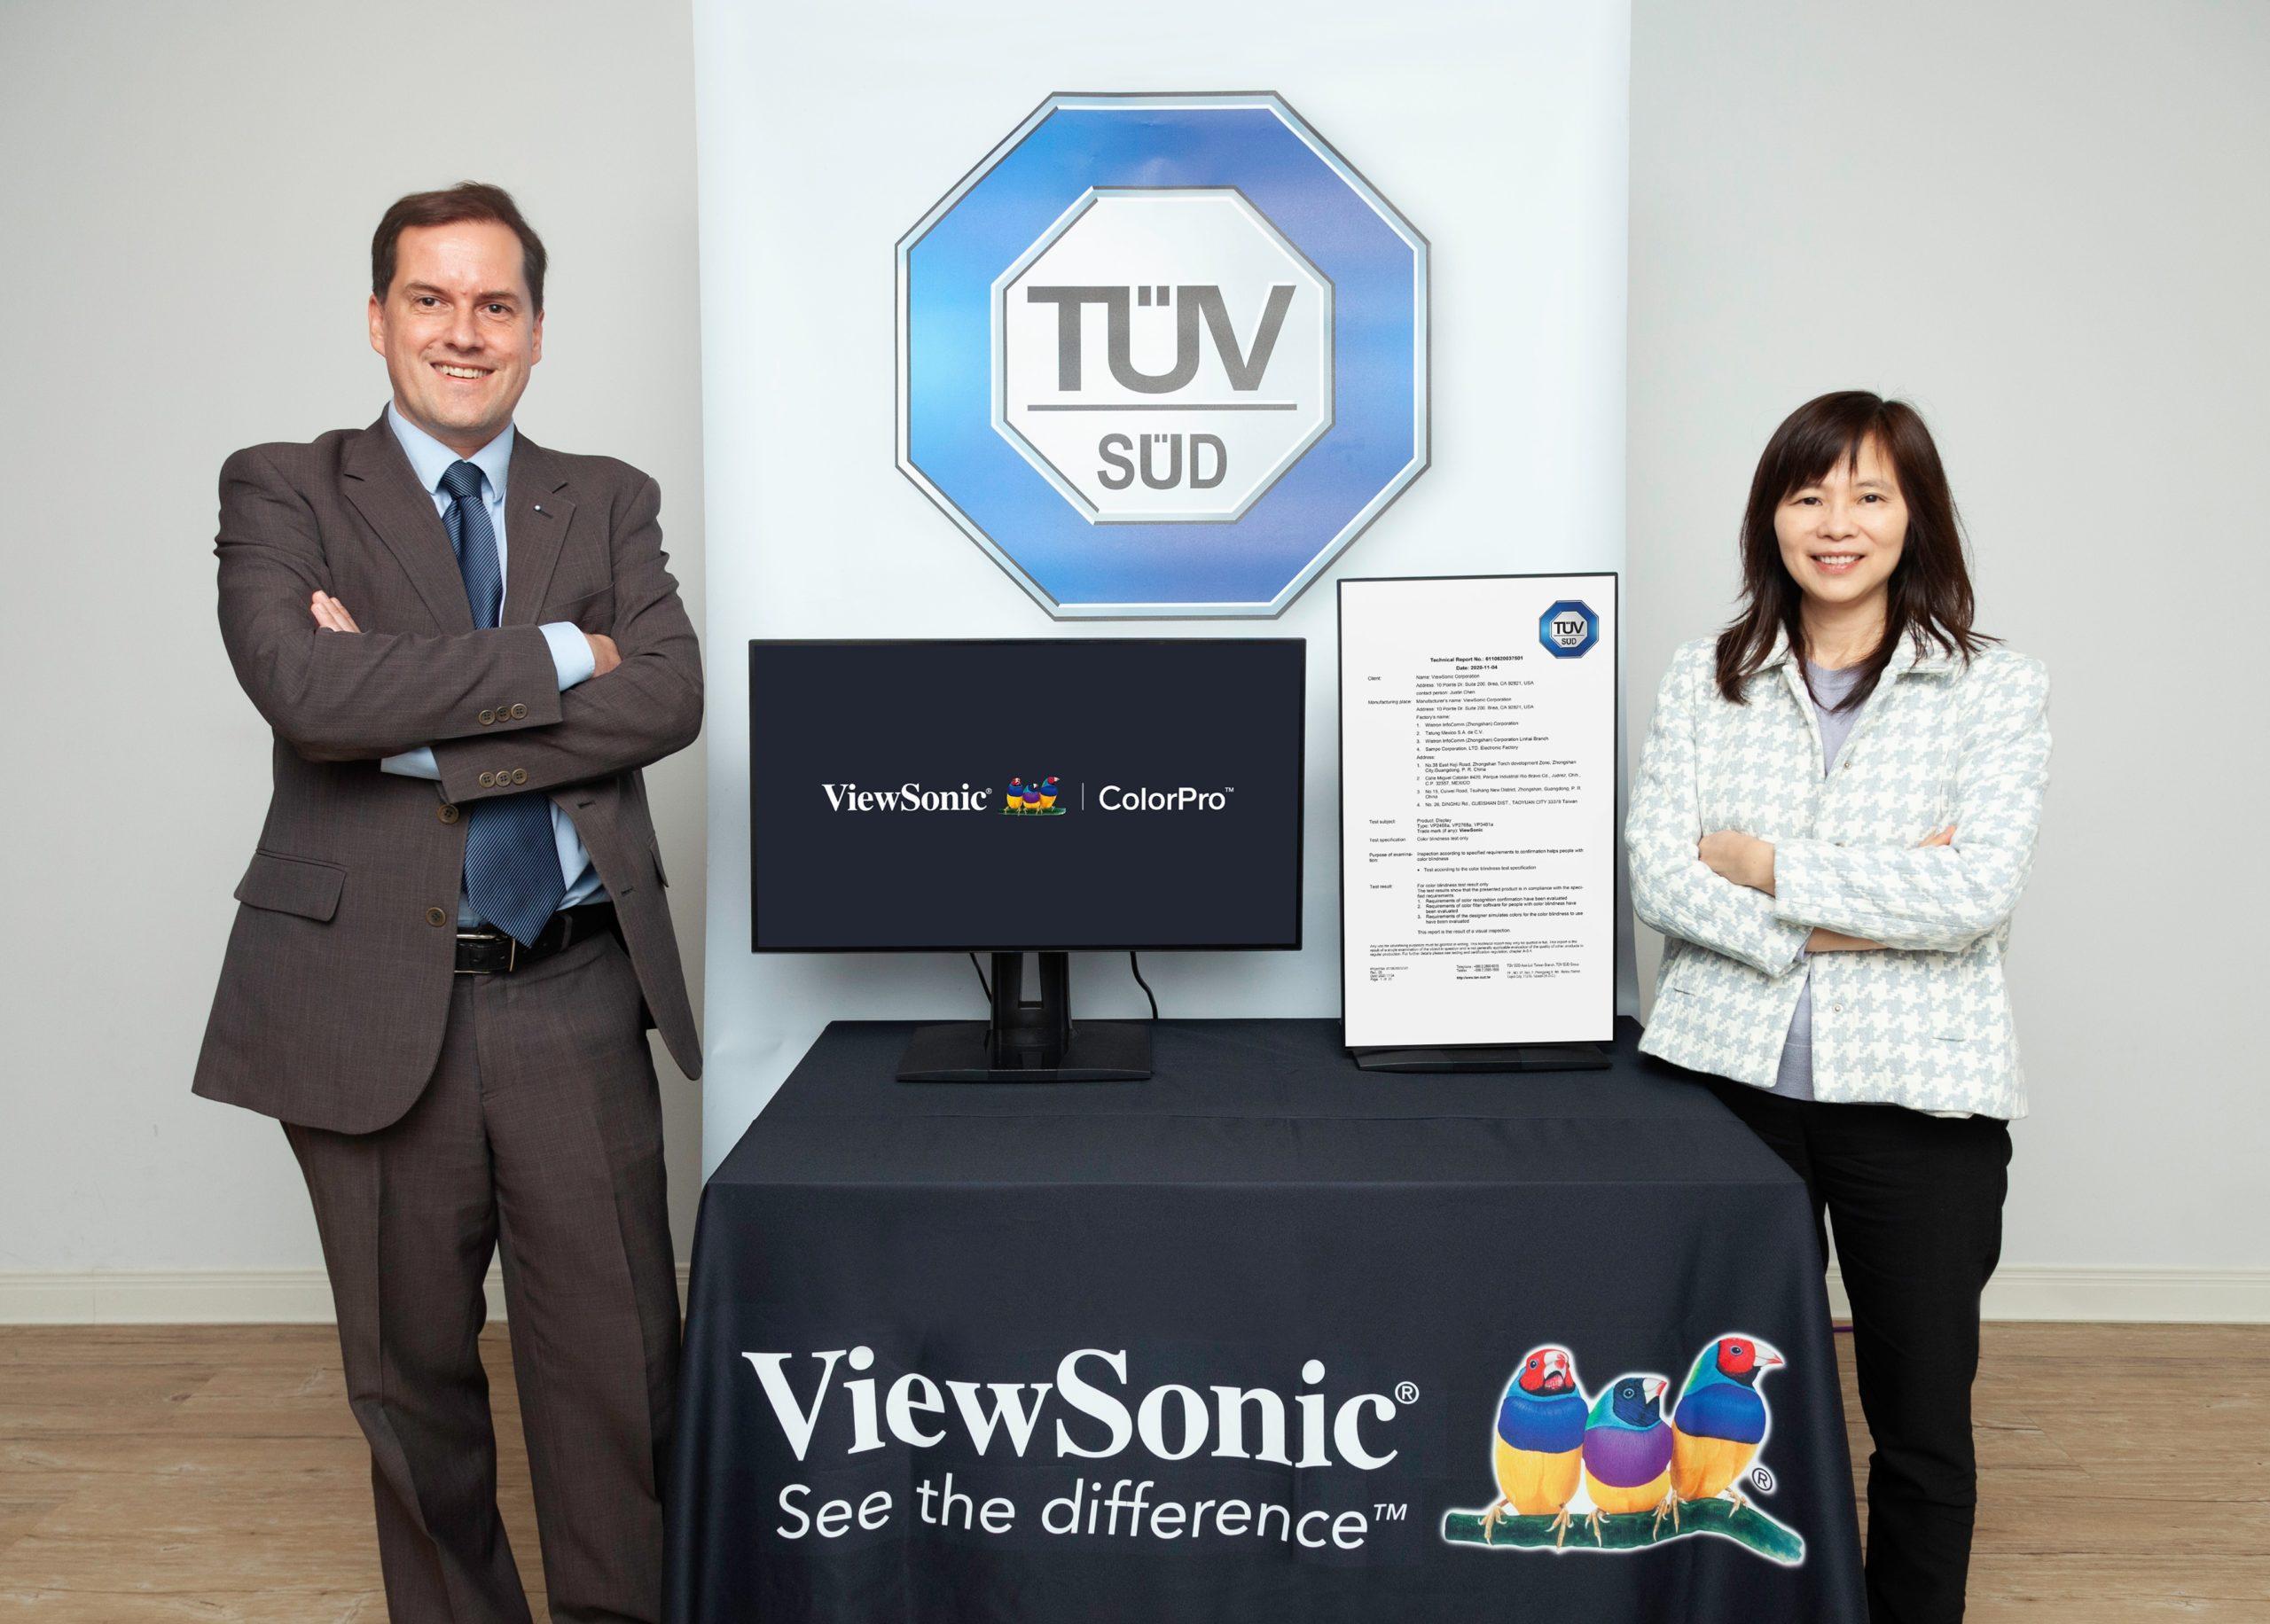 ViewSonic и TUV SUD работают над мониторами для пользователей с дальтонизмом